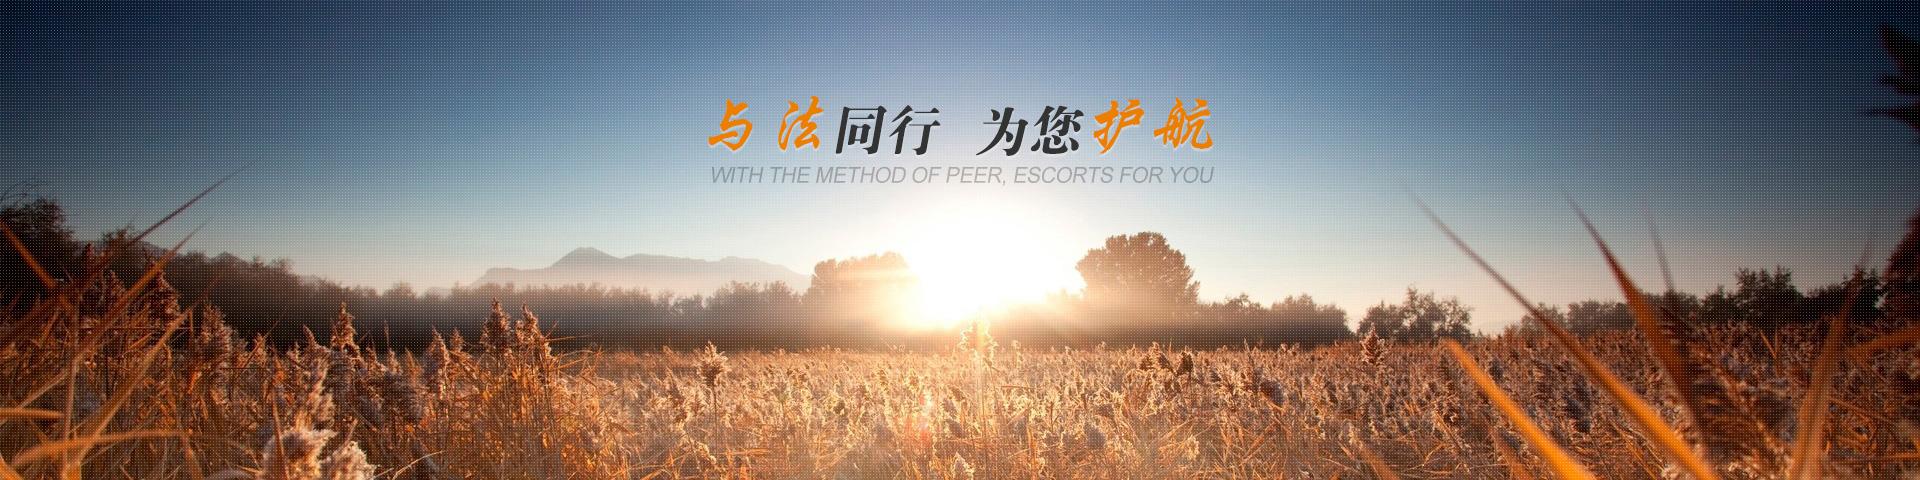 广州天河律师网6